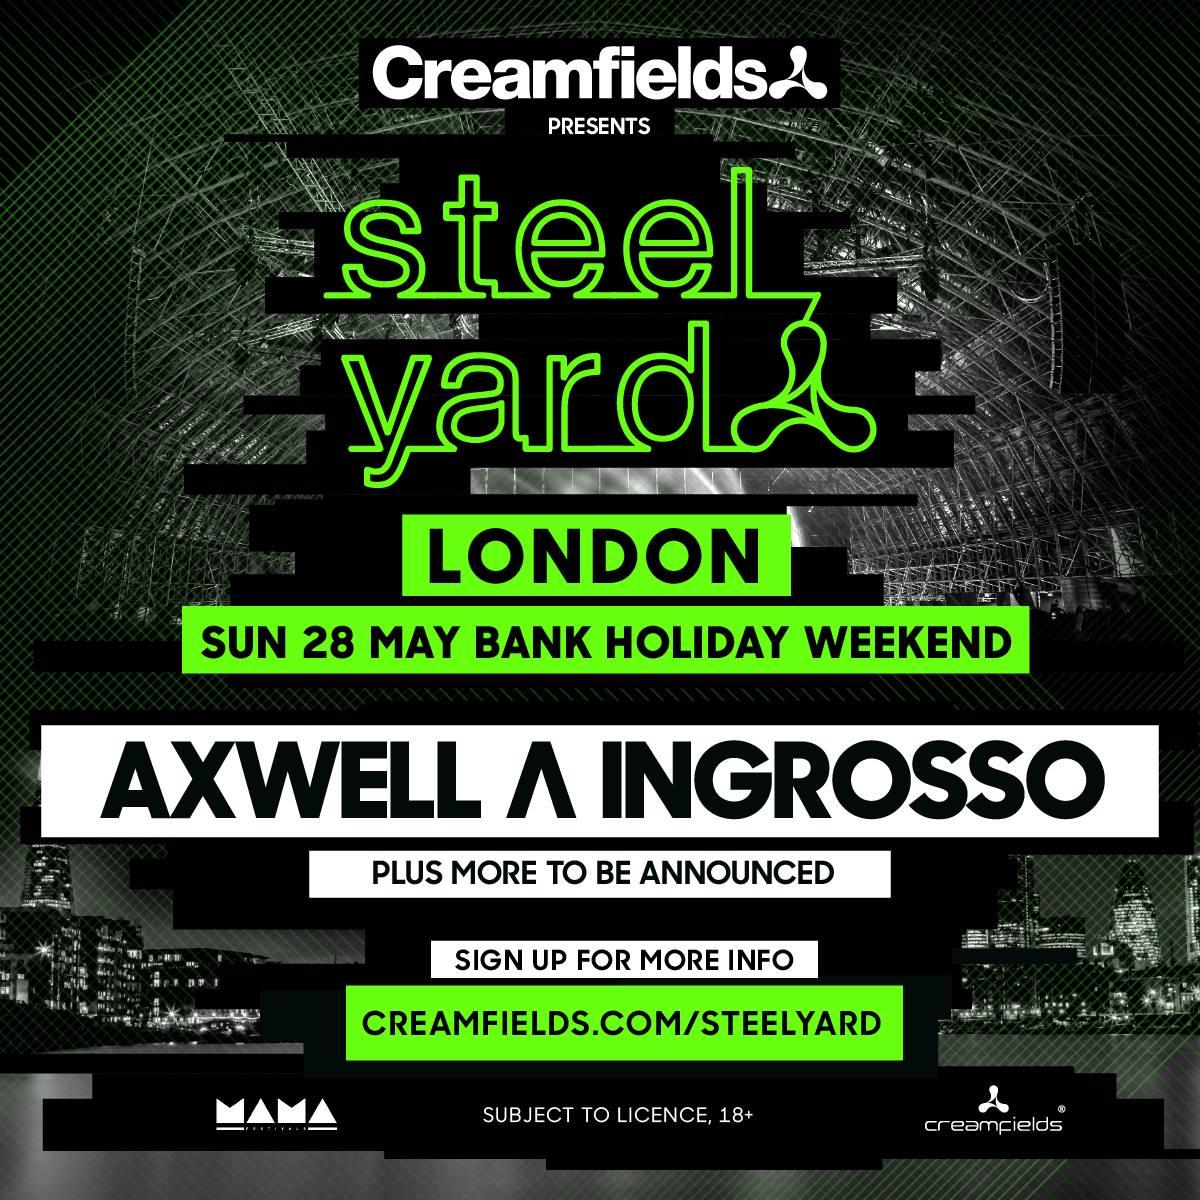 creamfields-presents-steel-yard-london.jpg